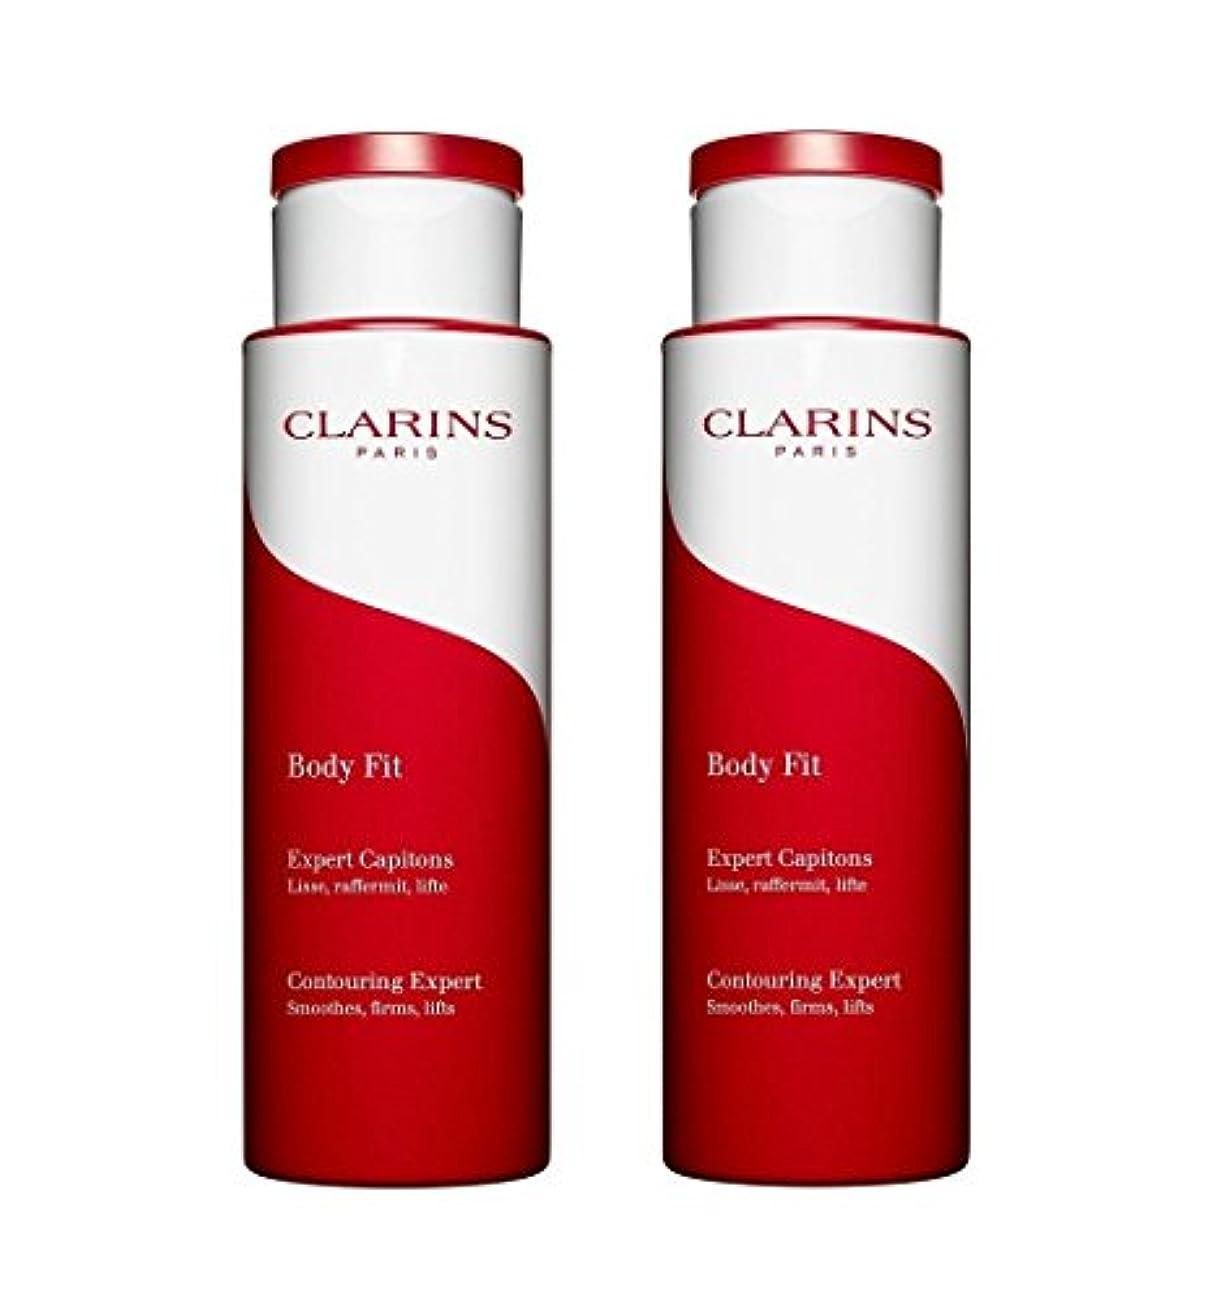 クラランス CLARINS ボディ フィット 200mL 【2本セット】 [並行輸入品]